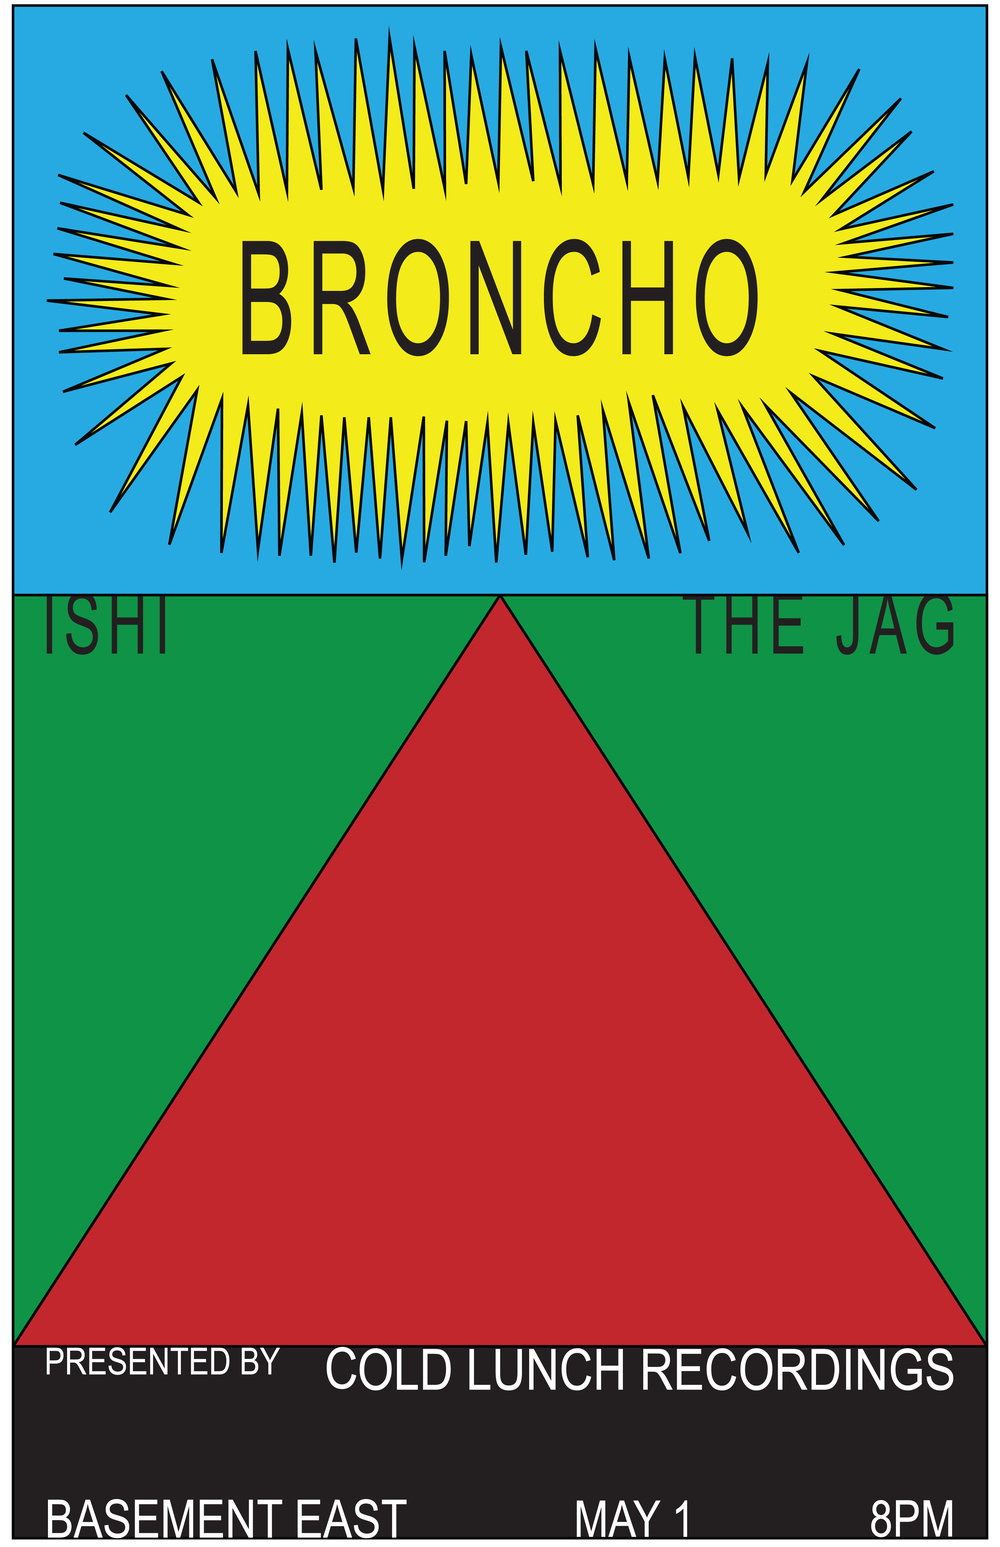 Broncho_BasementEast_ColdLunch-1.jpg